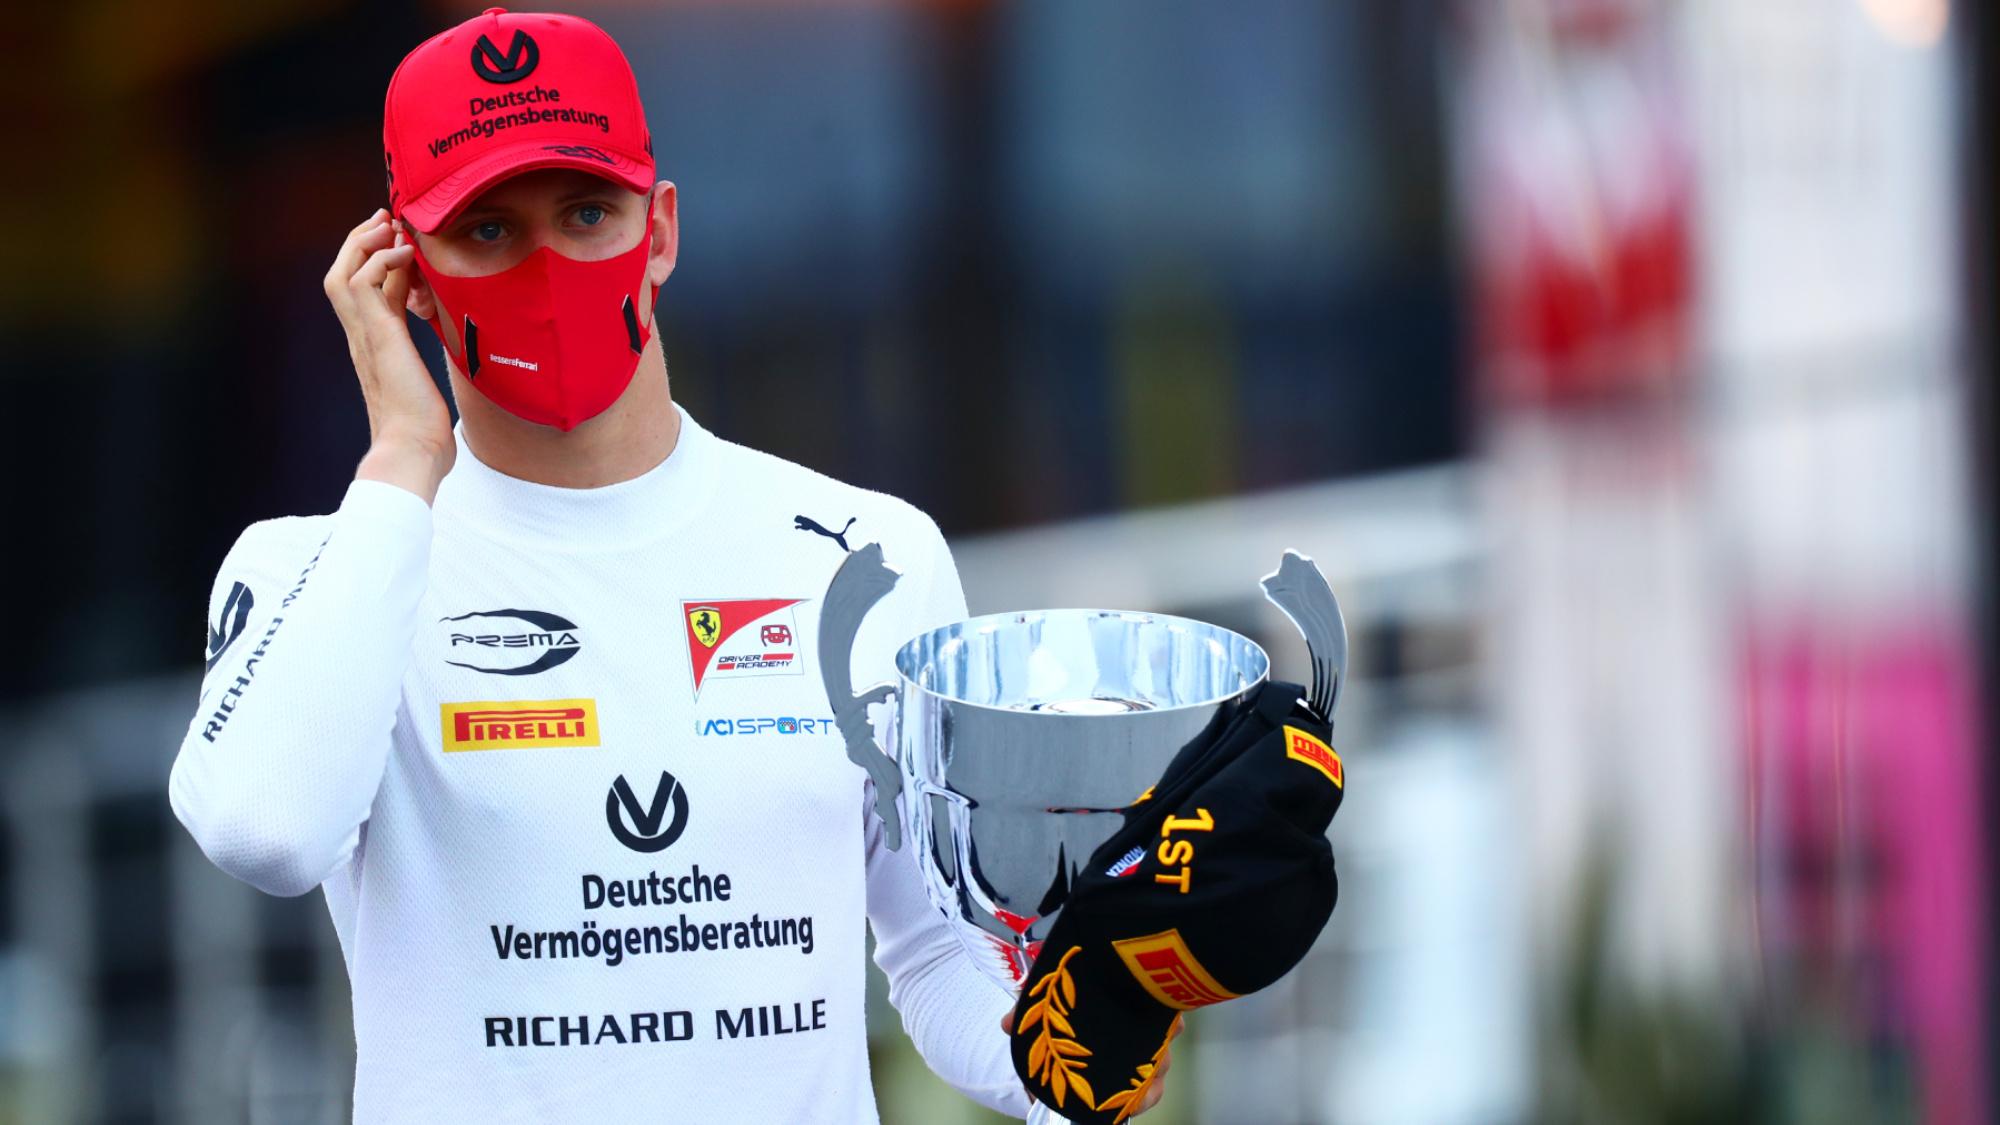 Mick Schumacher, 2020 F2 Monza feature race